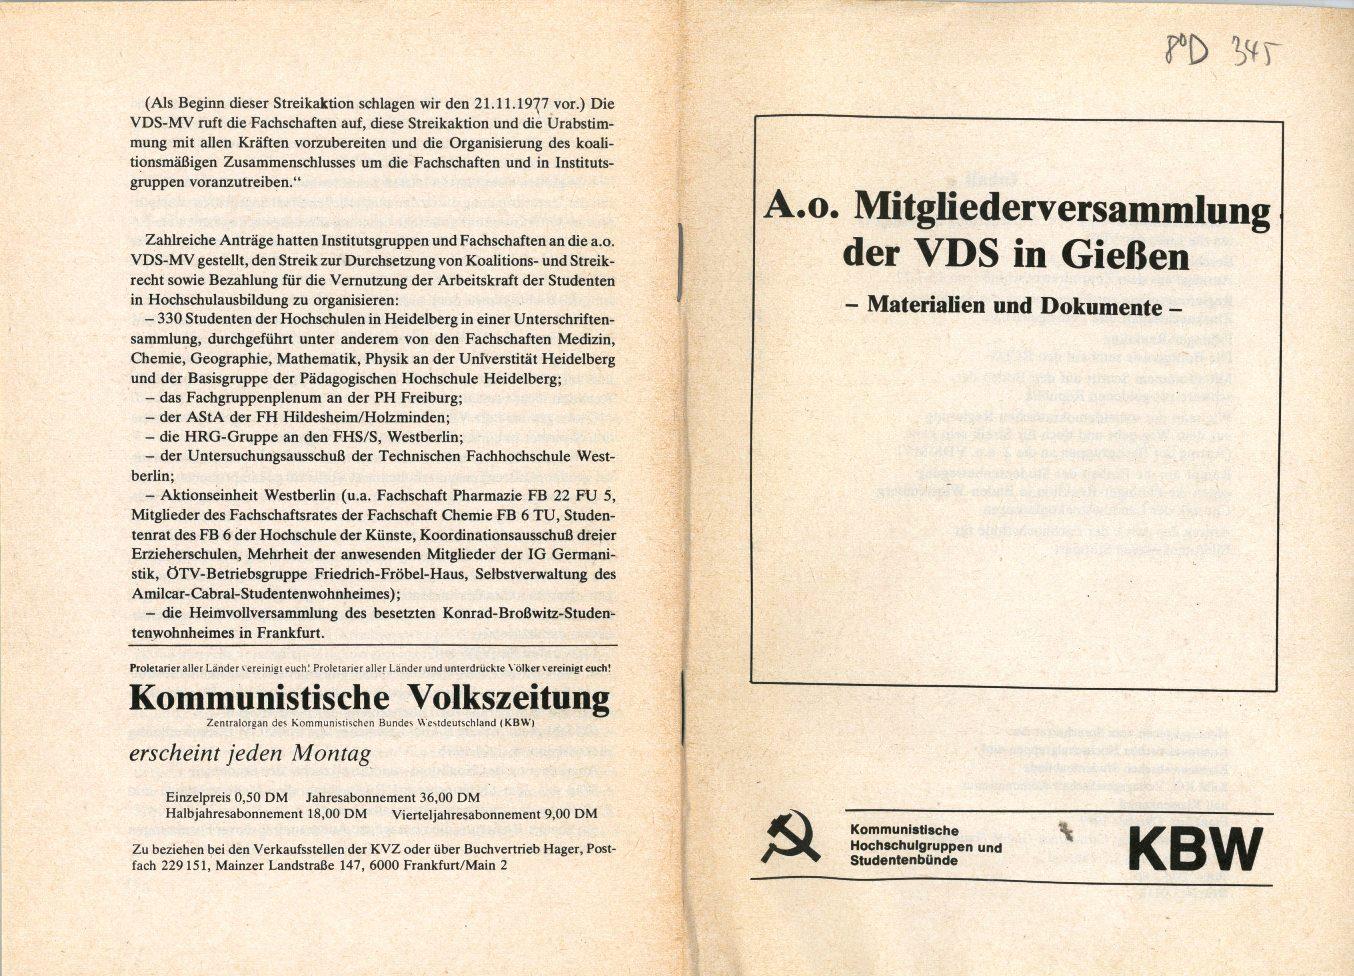 VDS_KBW_1977_MV_in_Giessen_01